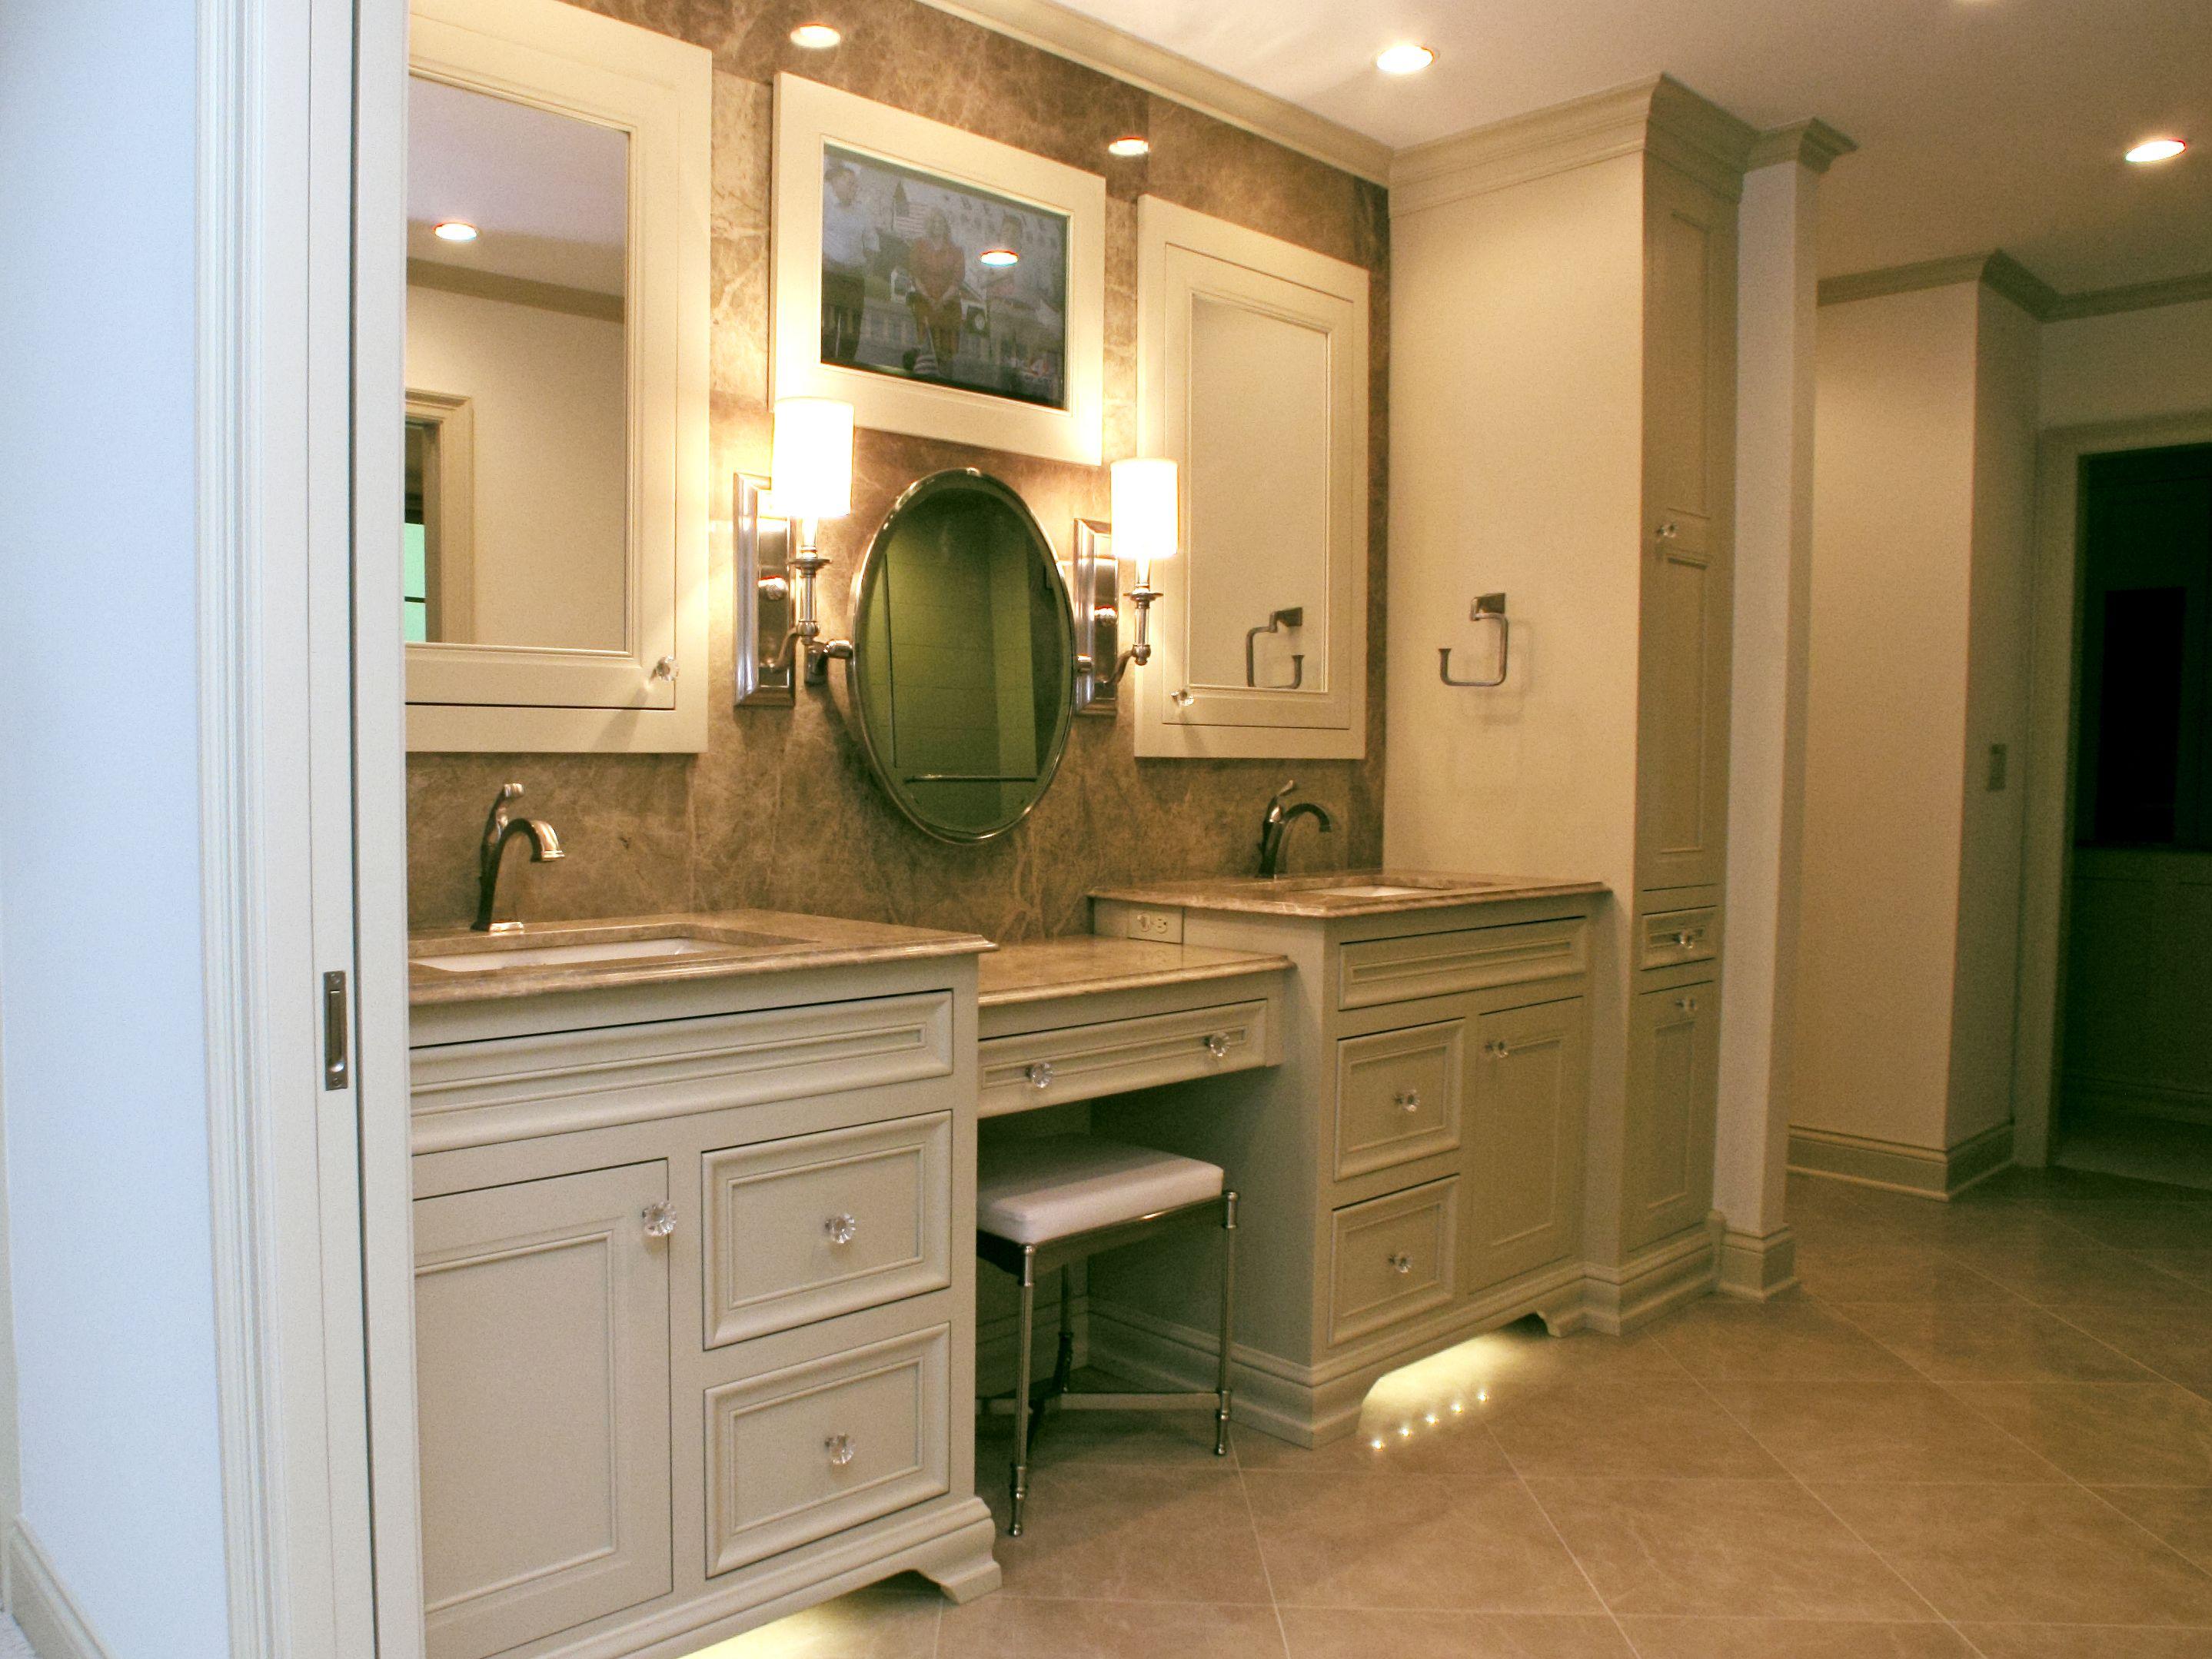 Columbus Ohio Home Builders Home Remodeling Columbus Ohio Home Remodeling Bath Renovation Master Bedroom Bathroom